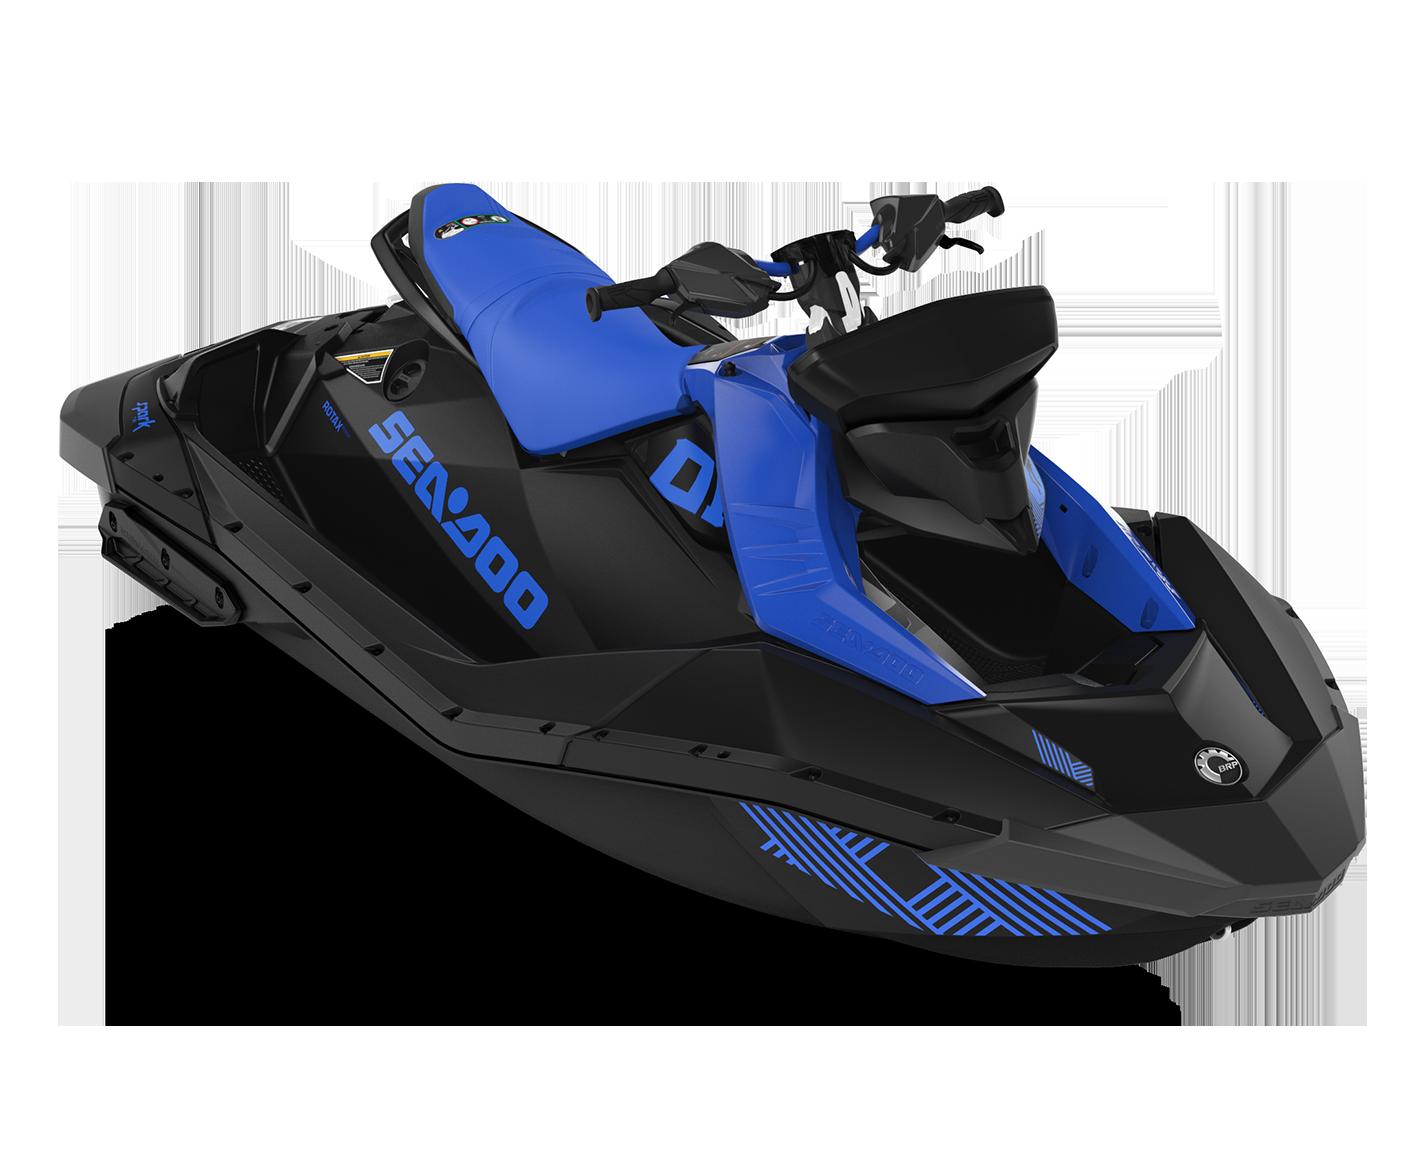 Comprar moto de agua Sea-Doo Spark Trixx 2 Up en Barcelona